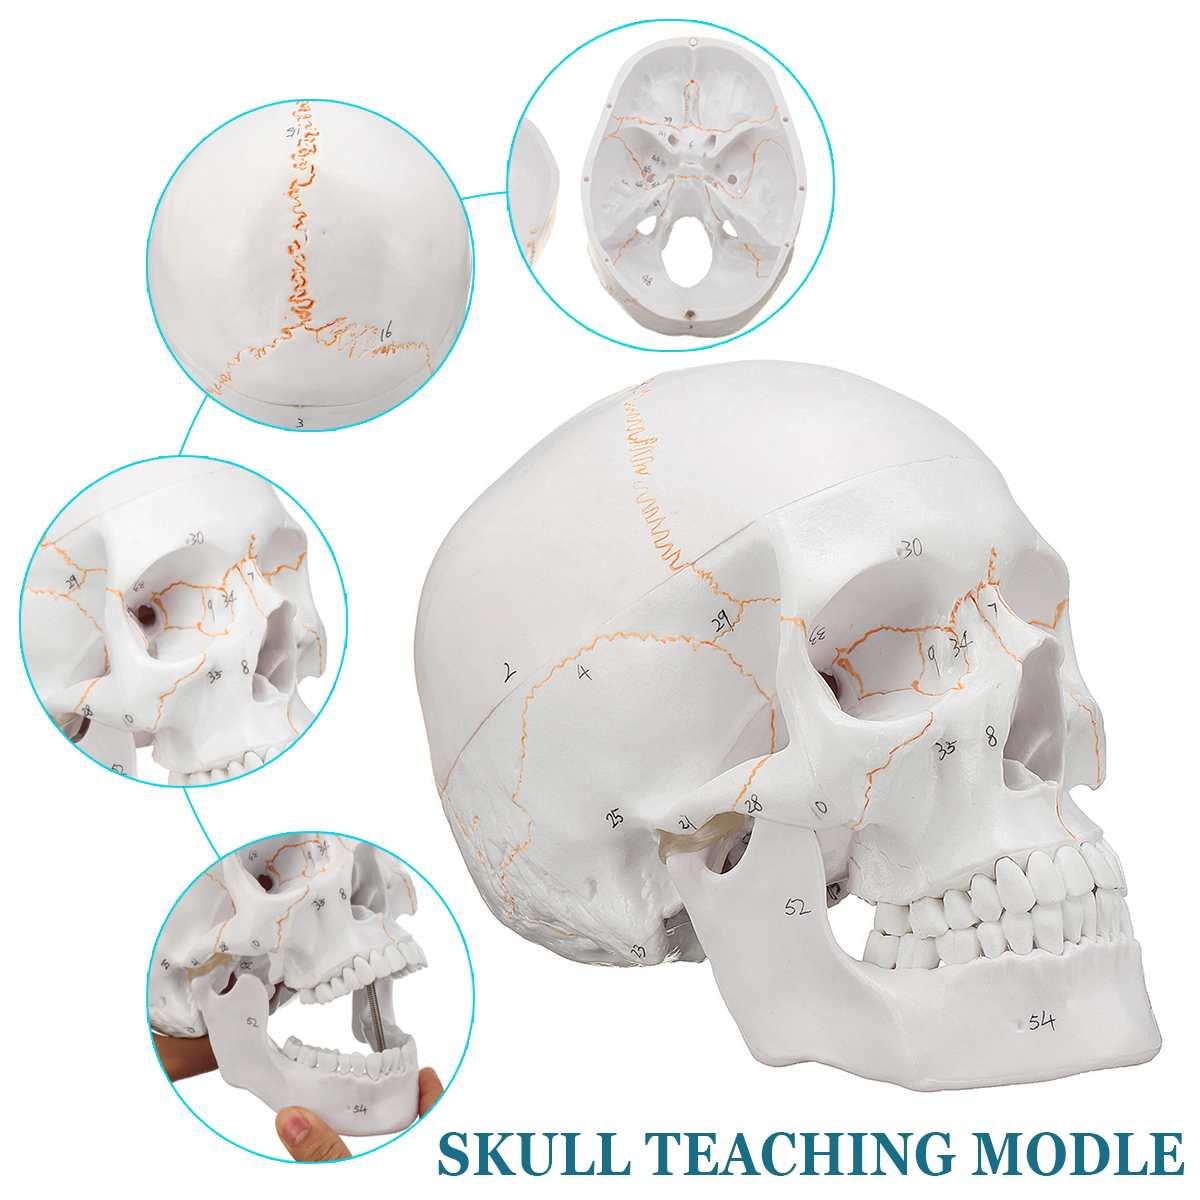 1:1 crâne modèle pratique de crâne humain modèle médecine crâne humain anatomie anatomique tête étude anatomie enseignement fournitures